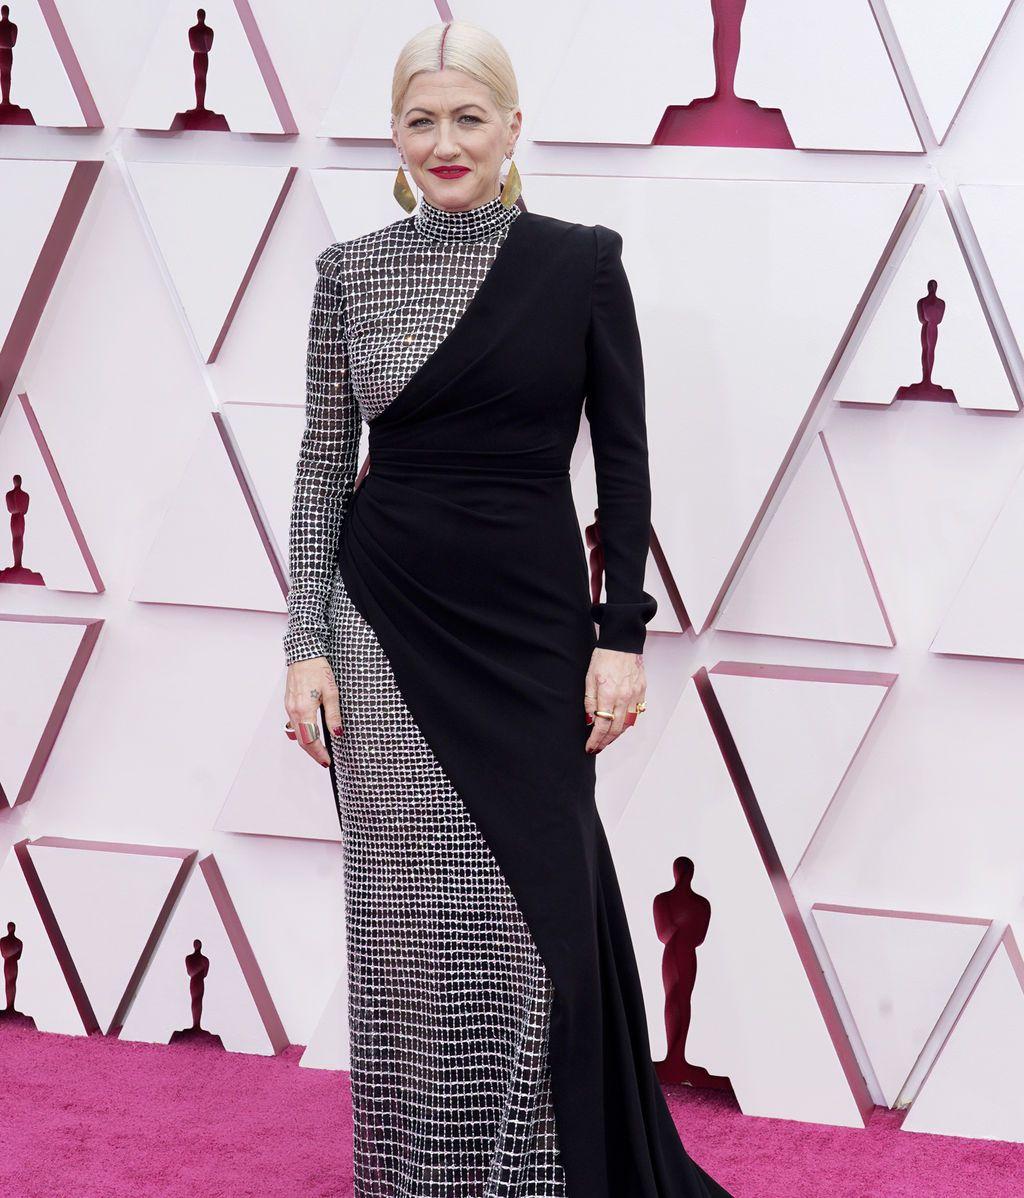 Trish Summerville desfila en la alfombra roja de Union Station, la estación de autobuses de Los Ángeles, una de las sedes donde tiene lugar la gala de los Premios Oscars 2021